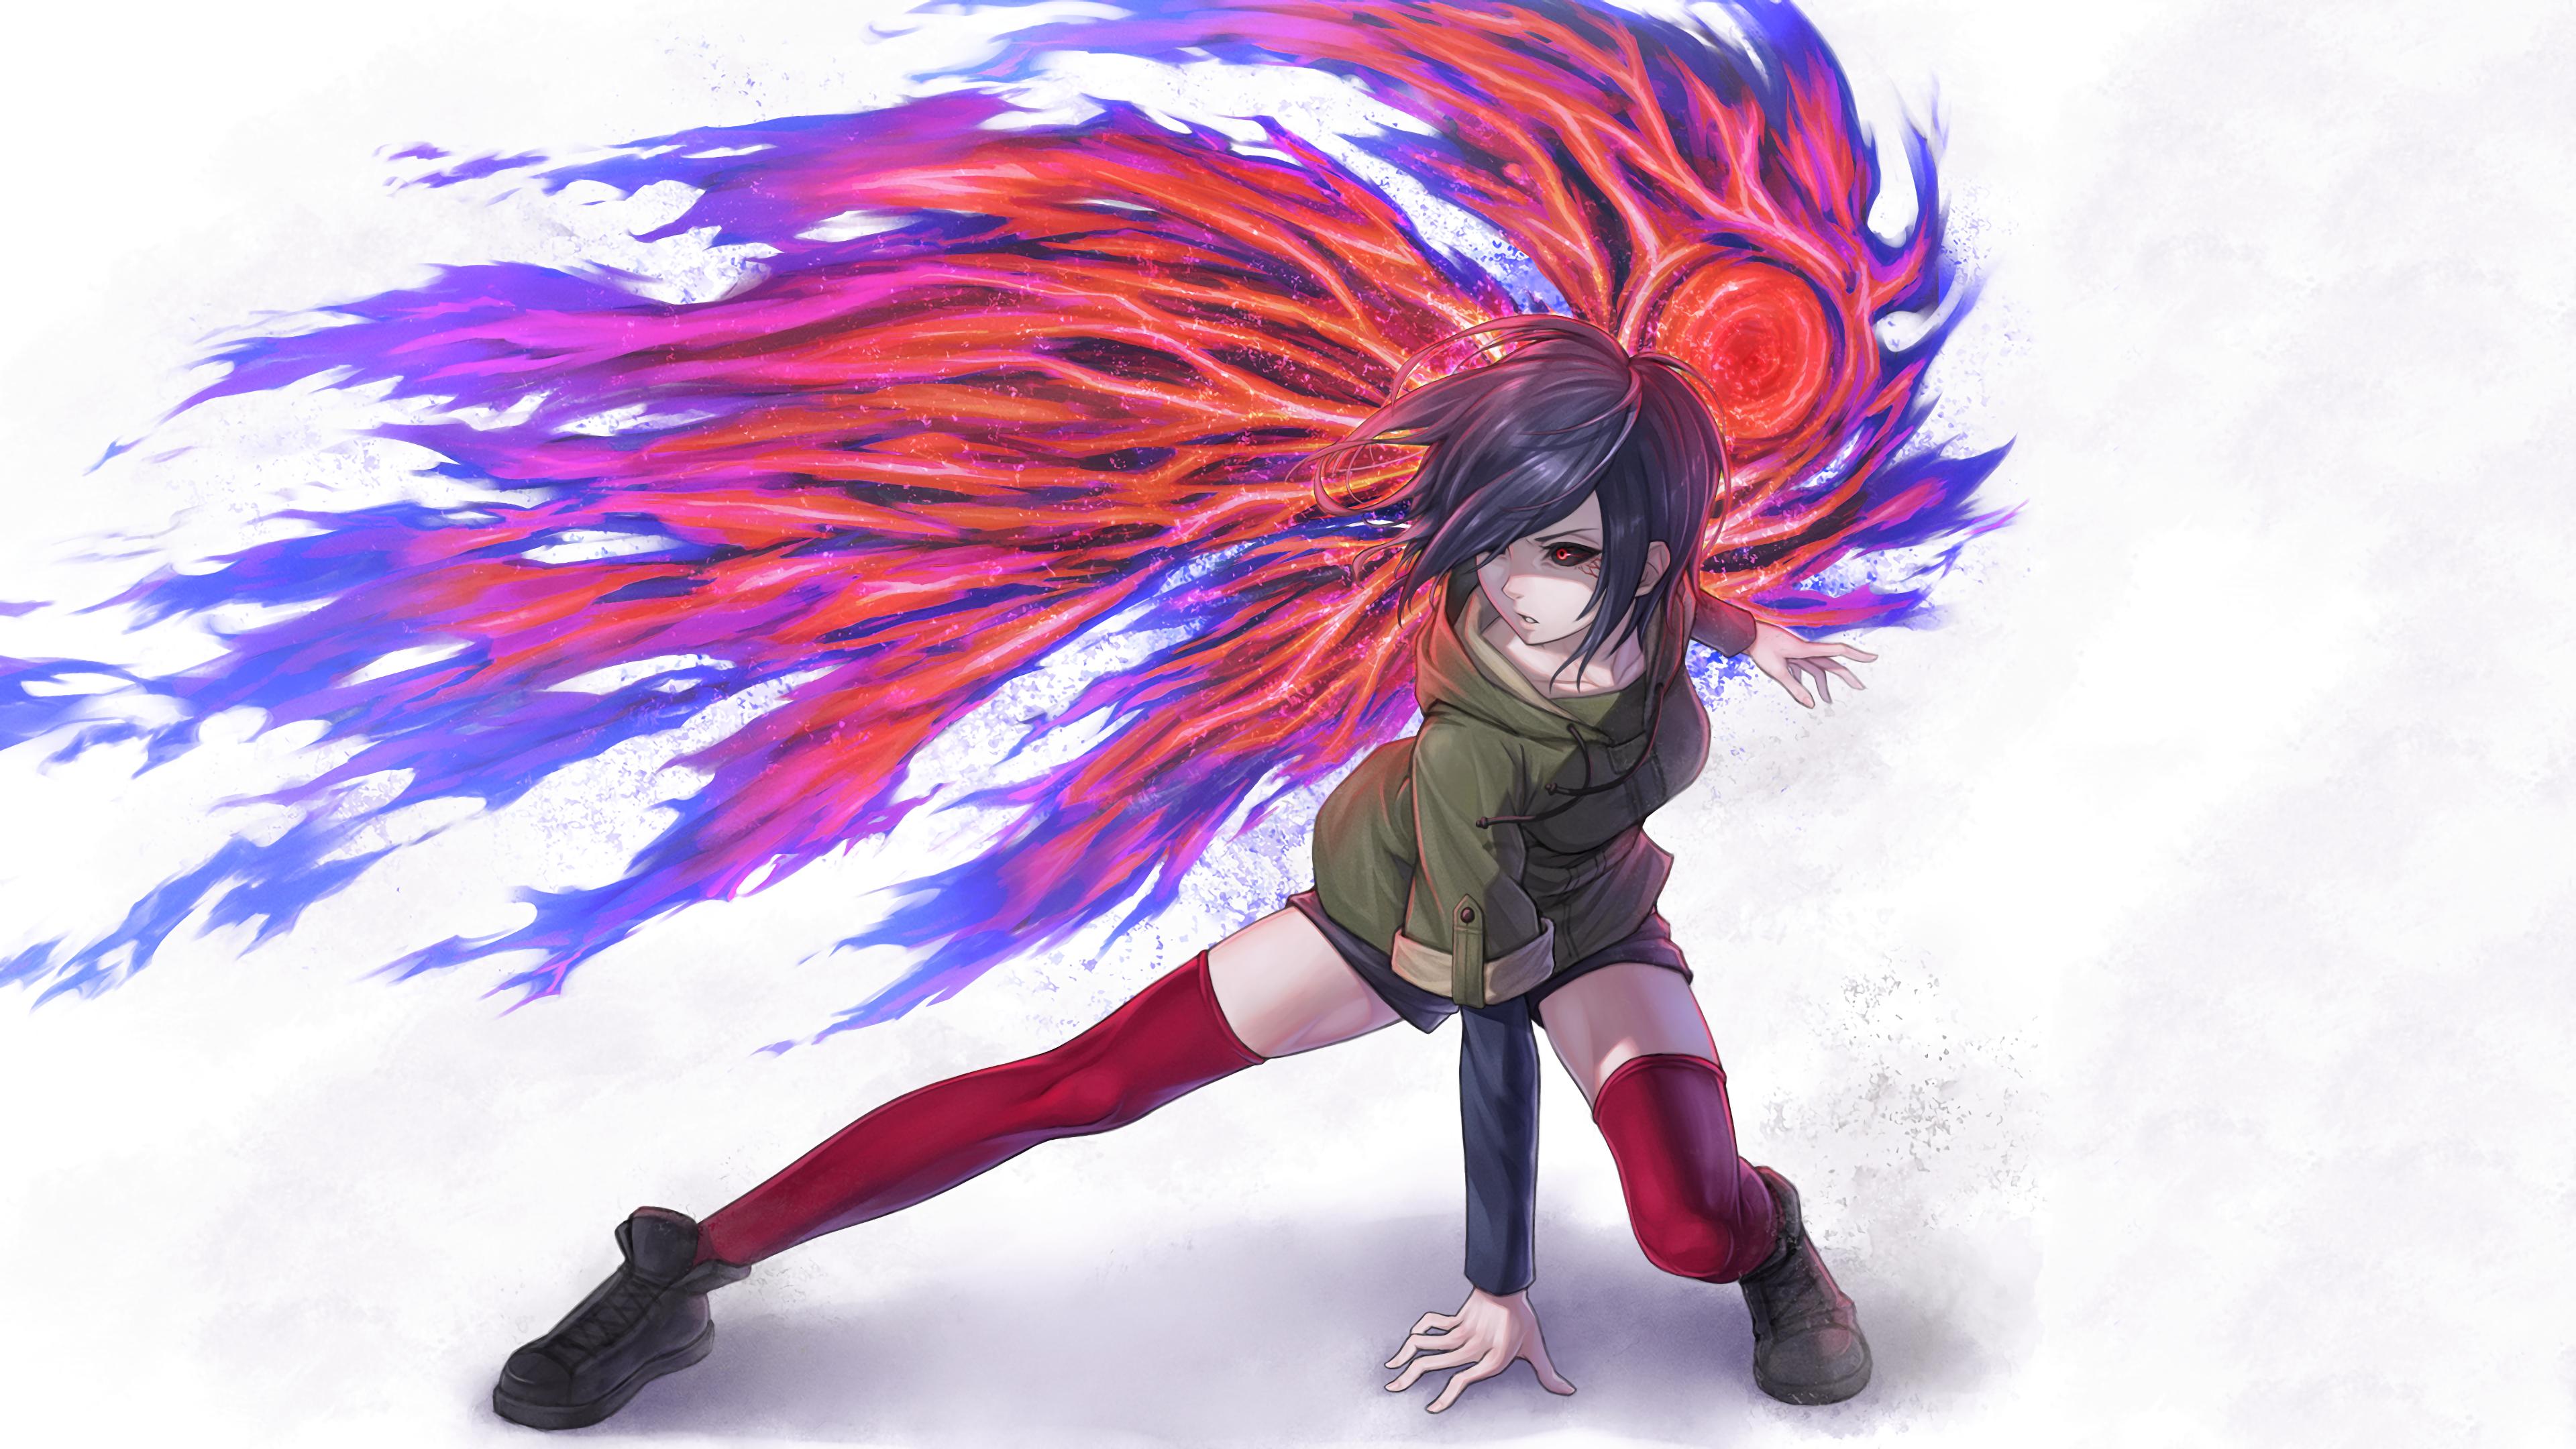 Fondos De Pantalla Ilustración Anime Chicas Anime Ghoul